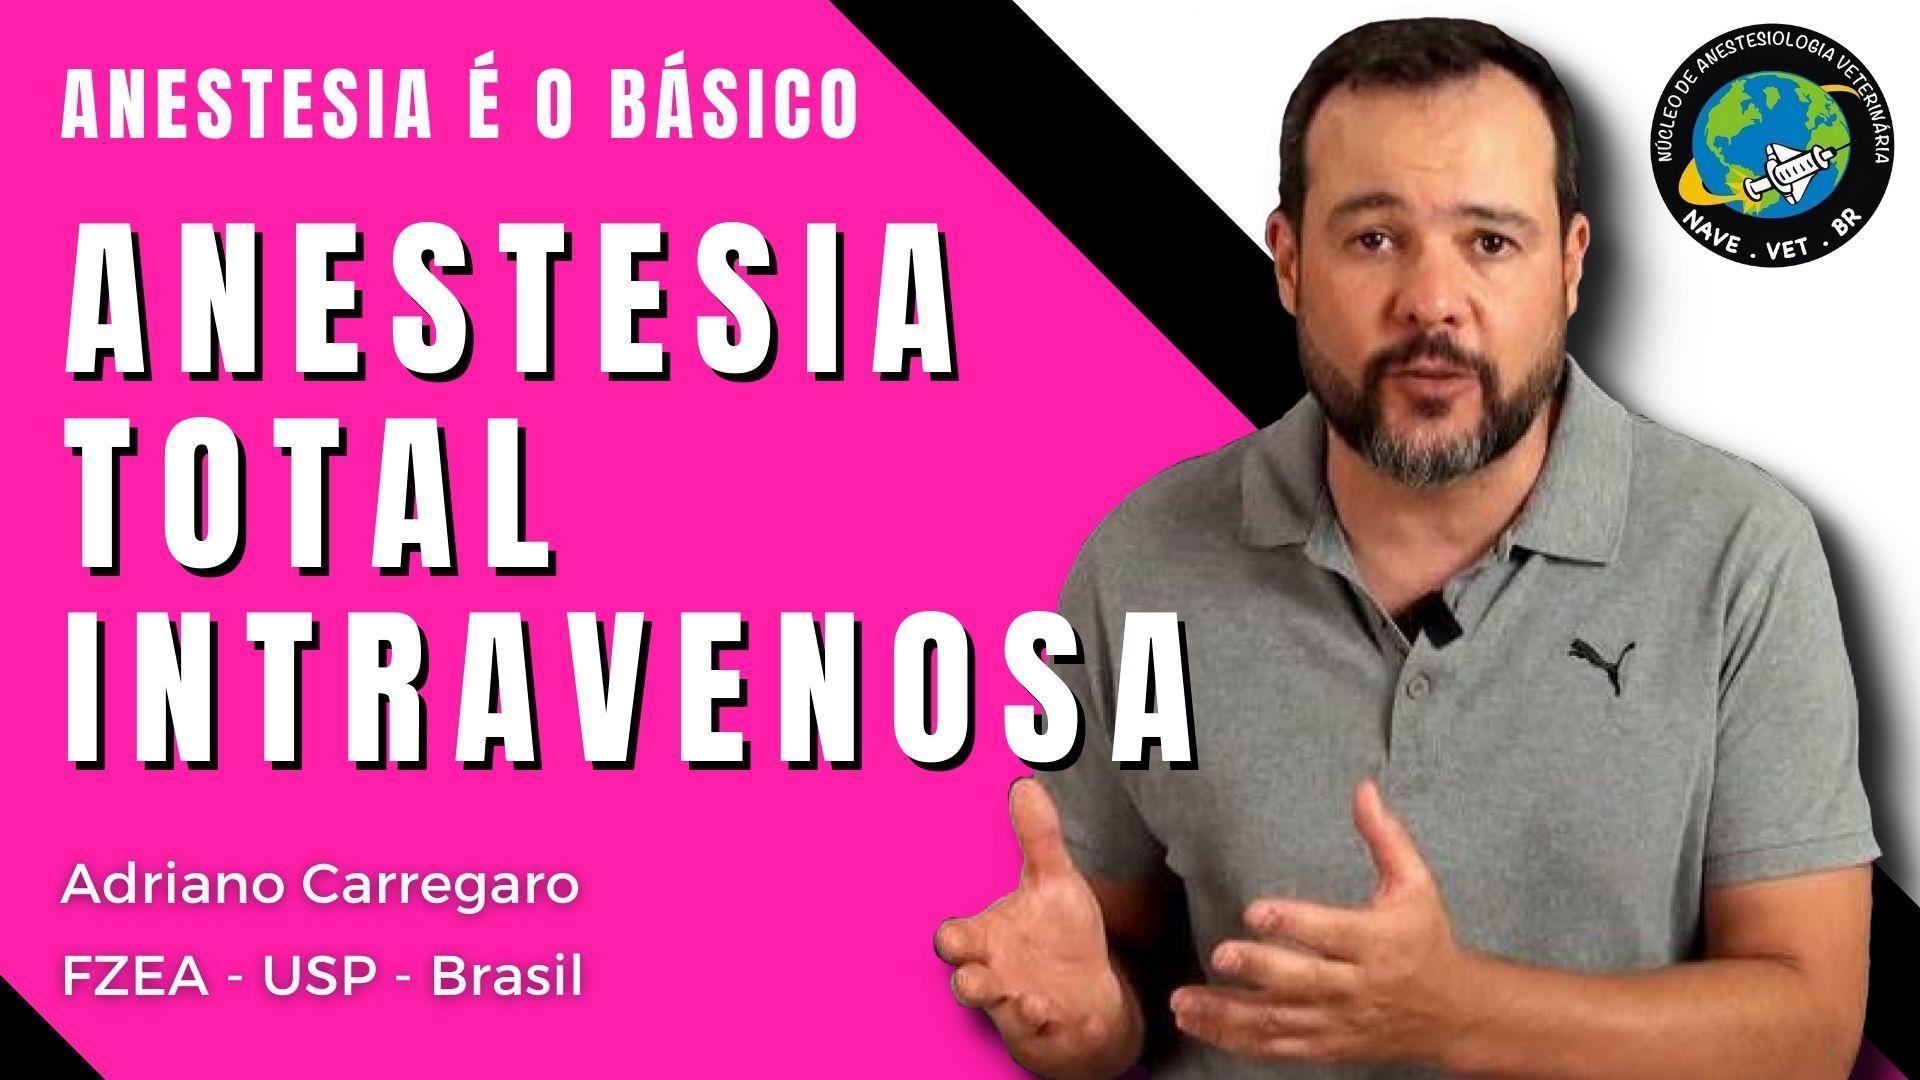 TIVA – Anestesia Total Intravenosa – Anestesia é o Básico #14